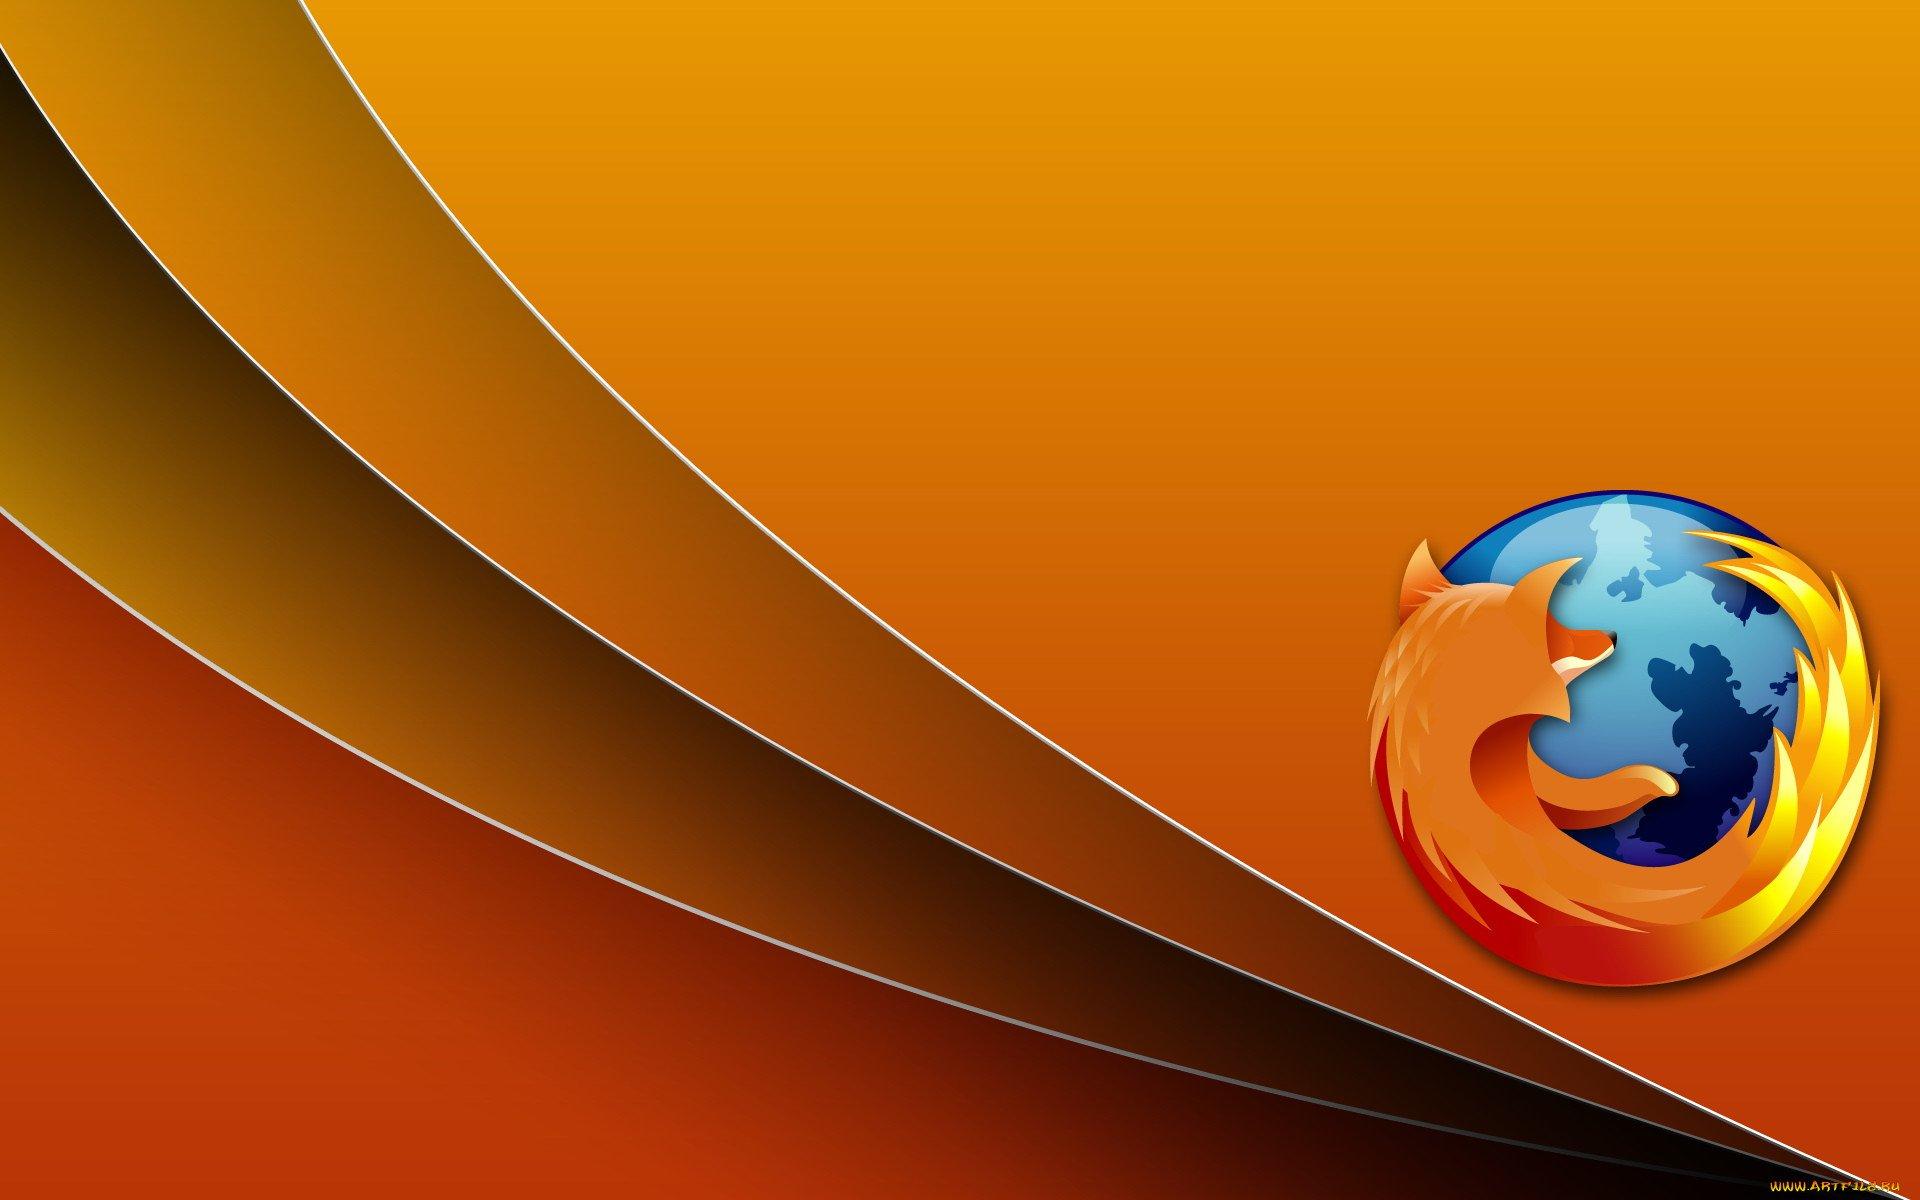 картинки для браузера в хорошем качестве